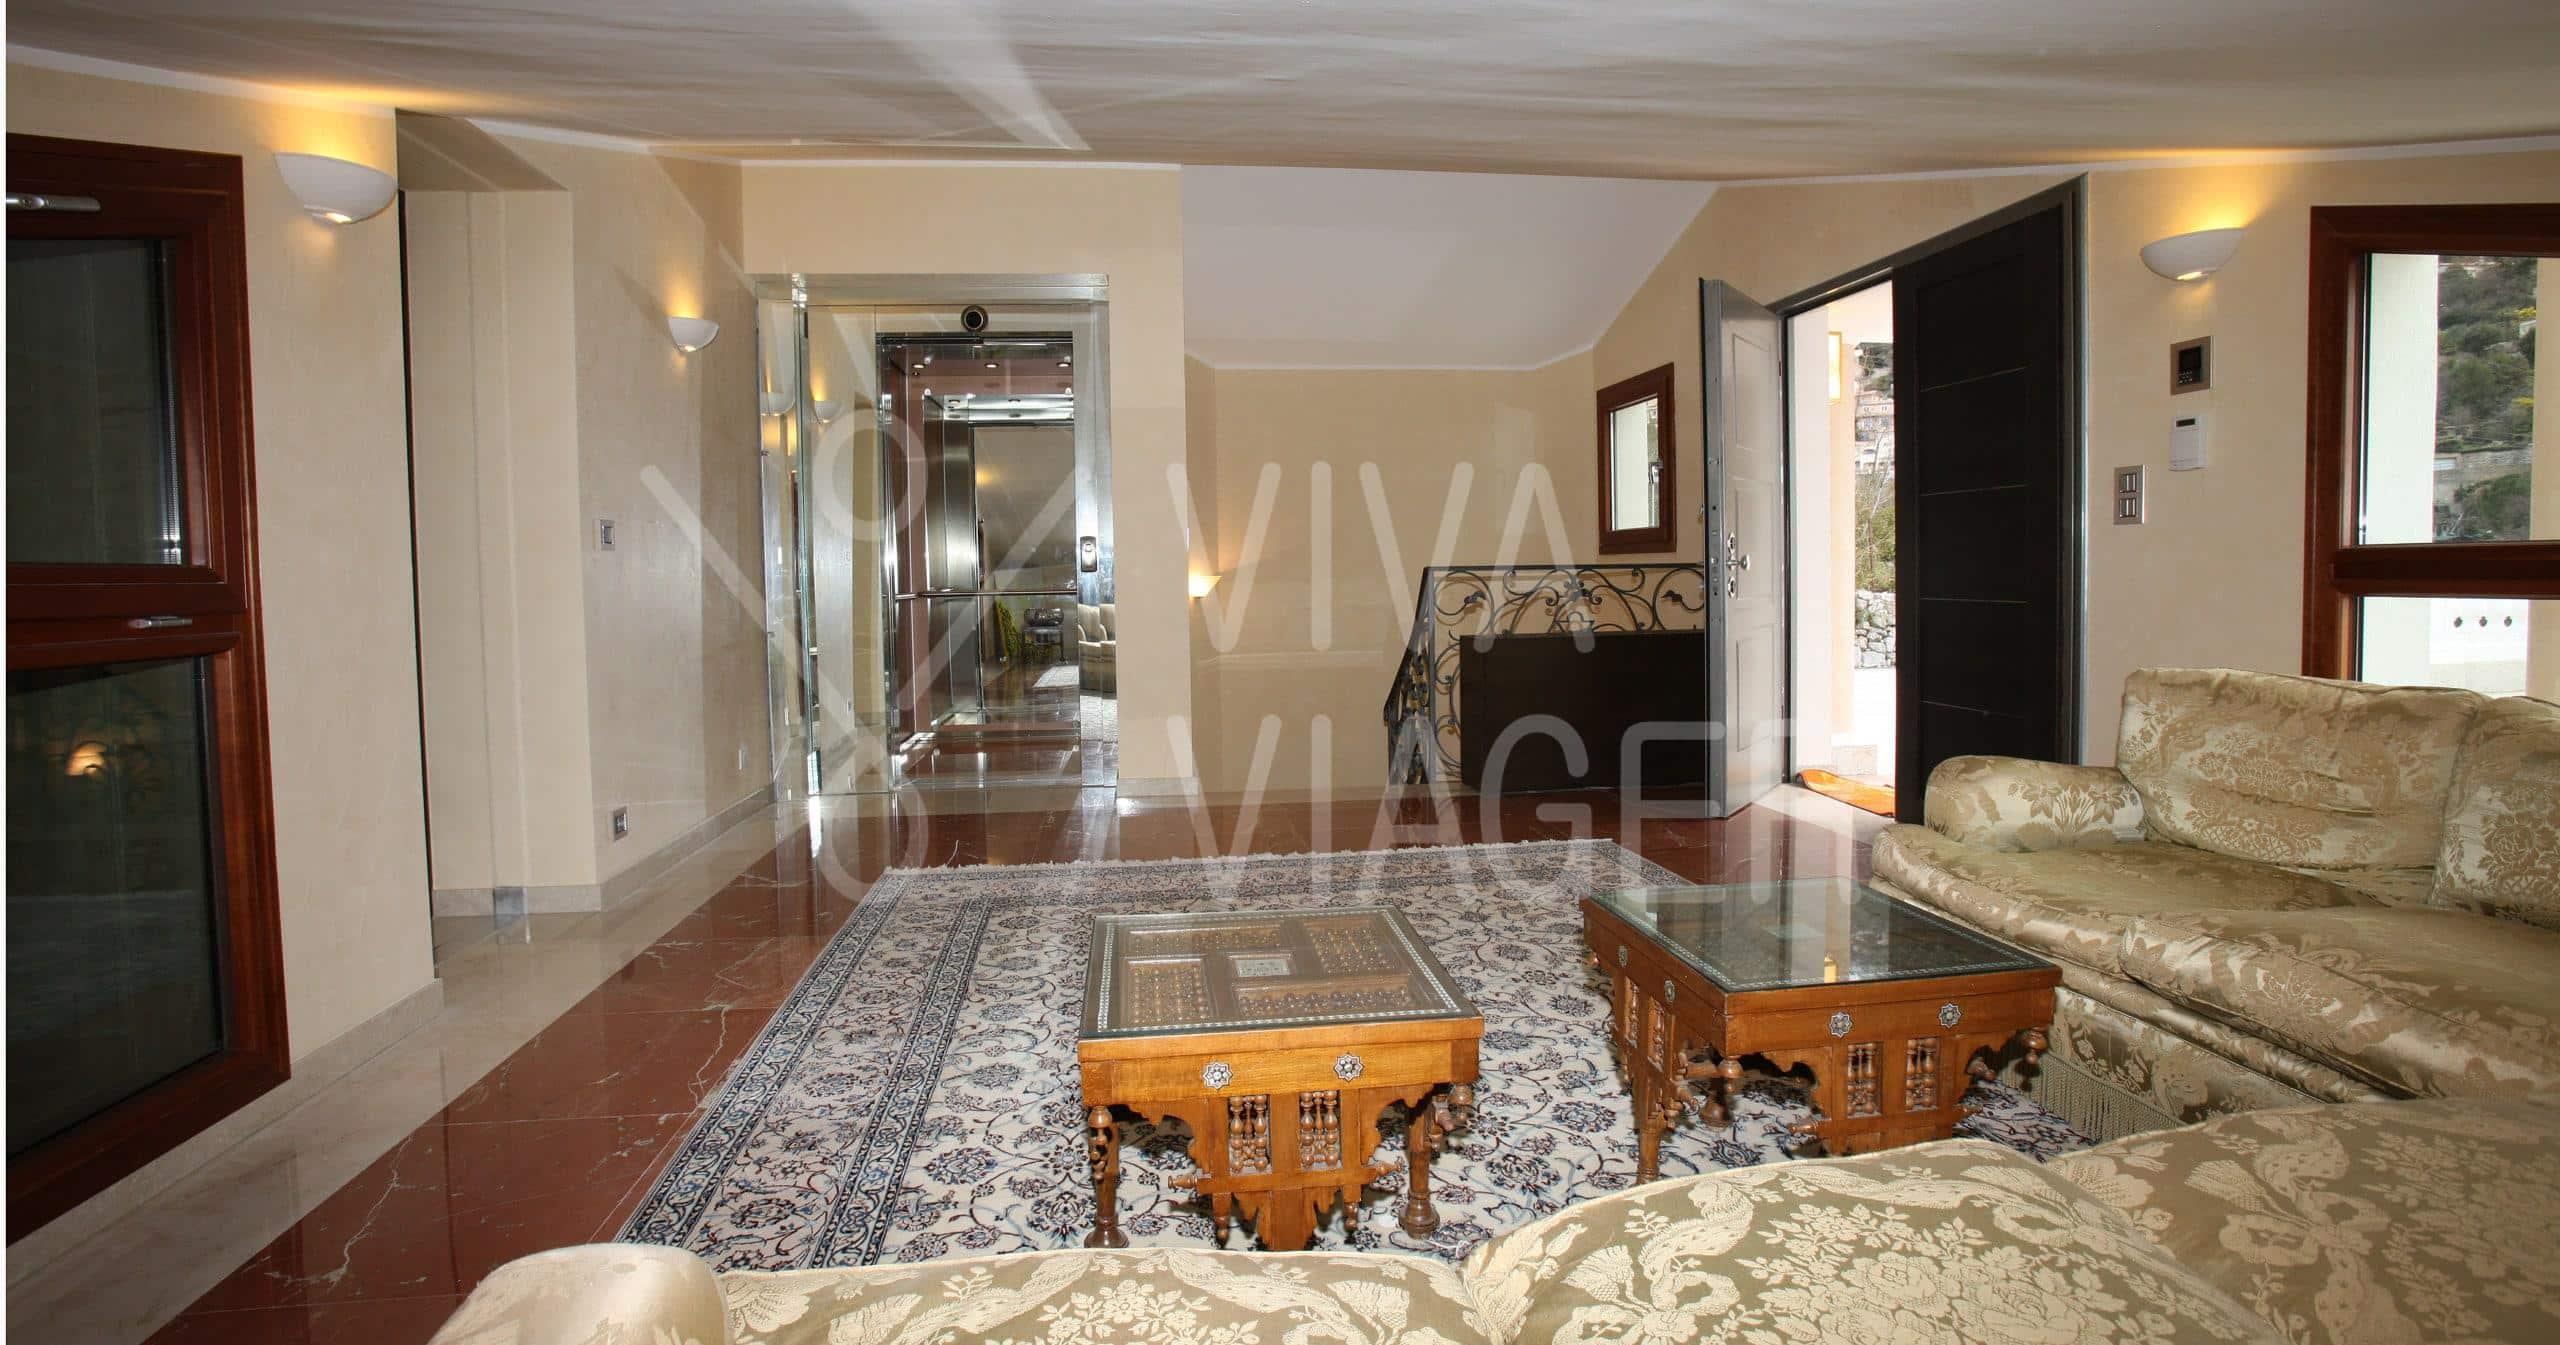 Villa de Luxe - 400 m² - Vente à terme - La Turbie